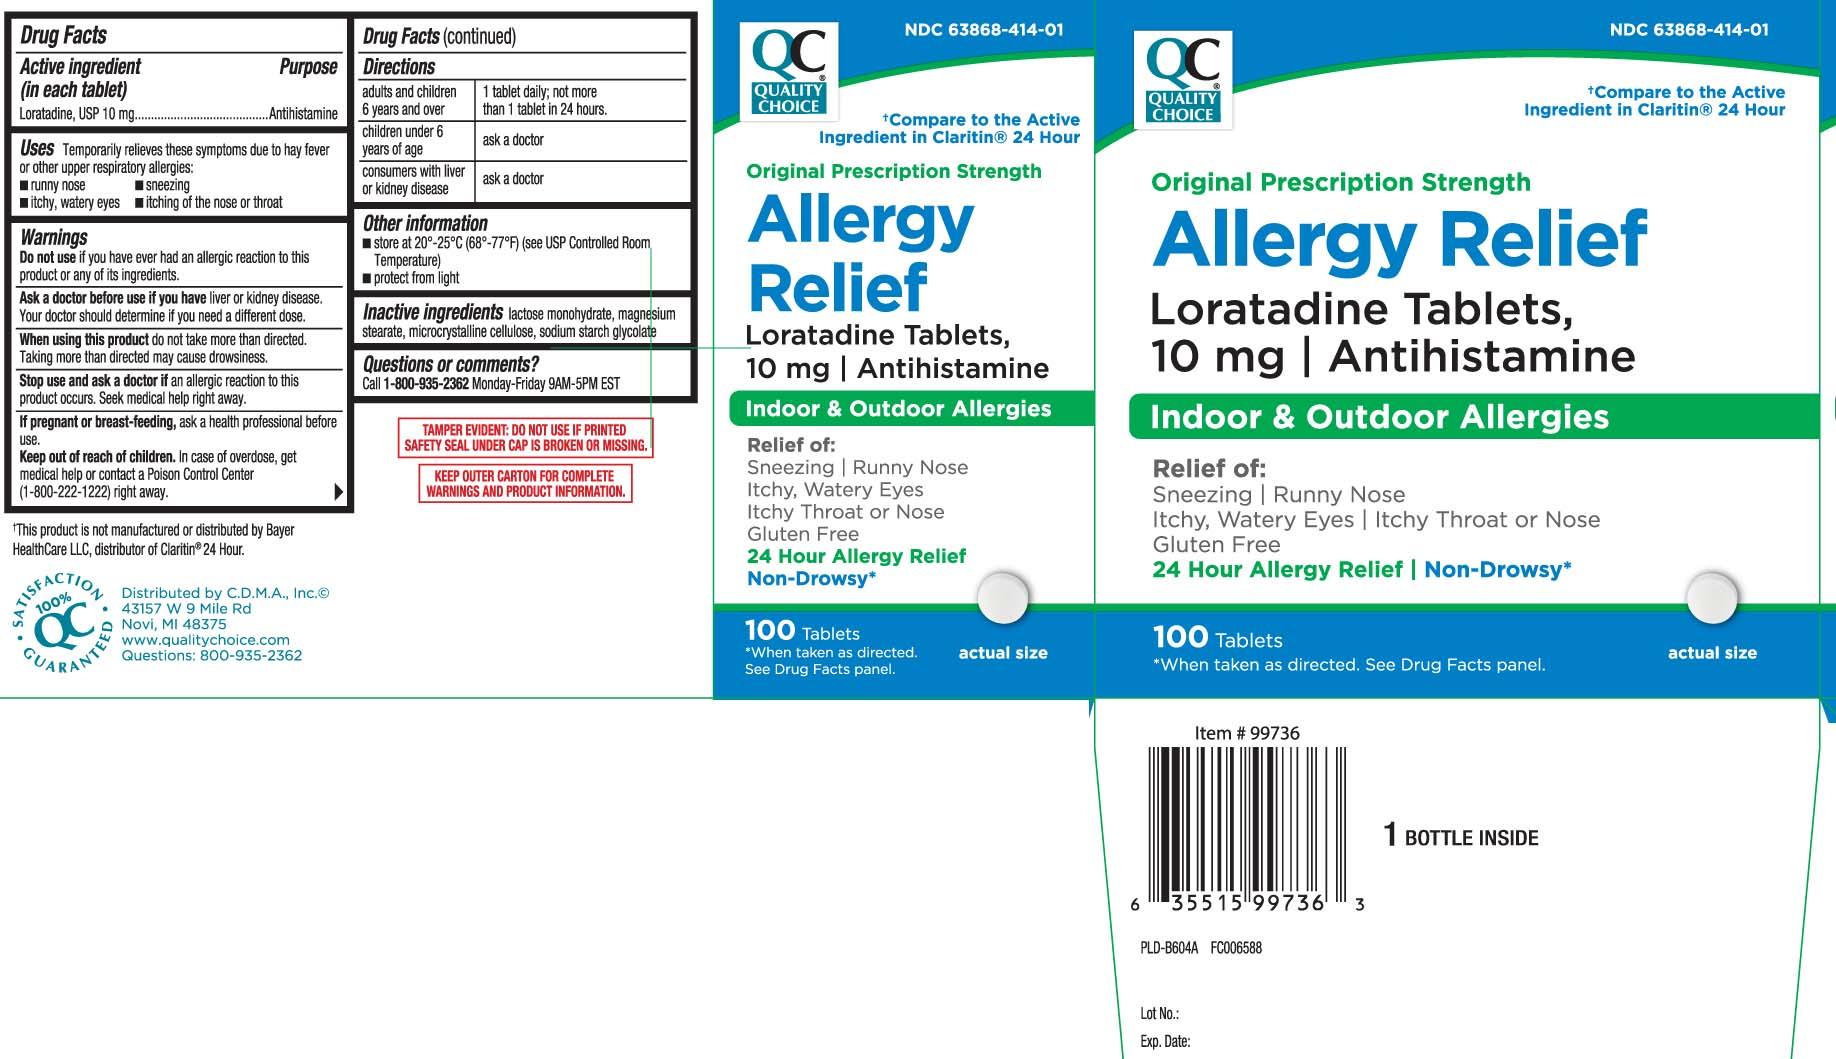 Loratadine, USP 10 mg